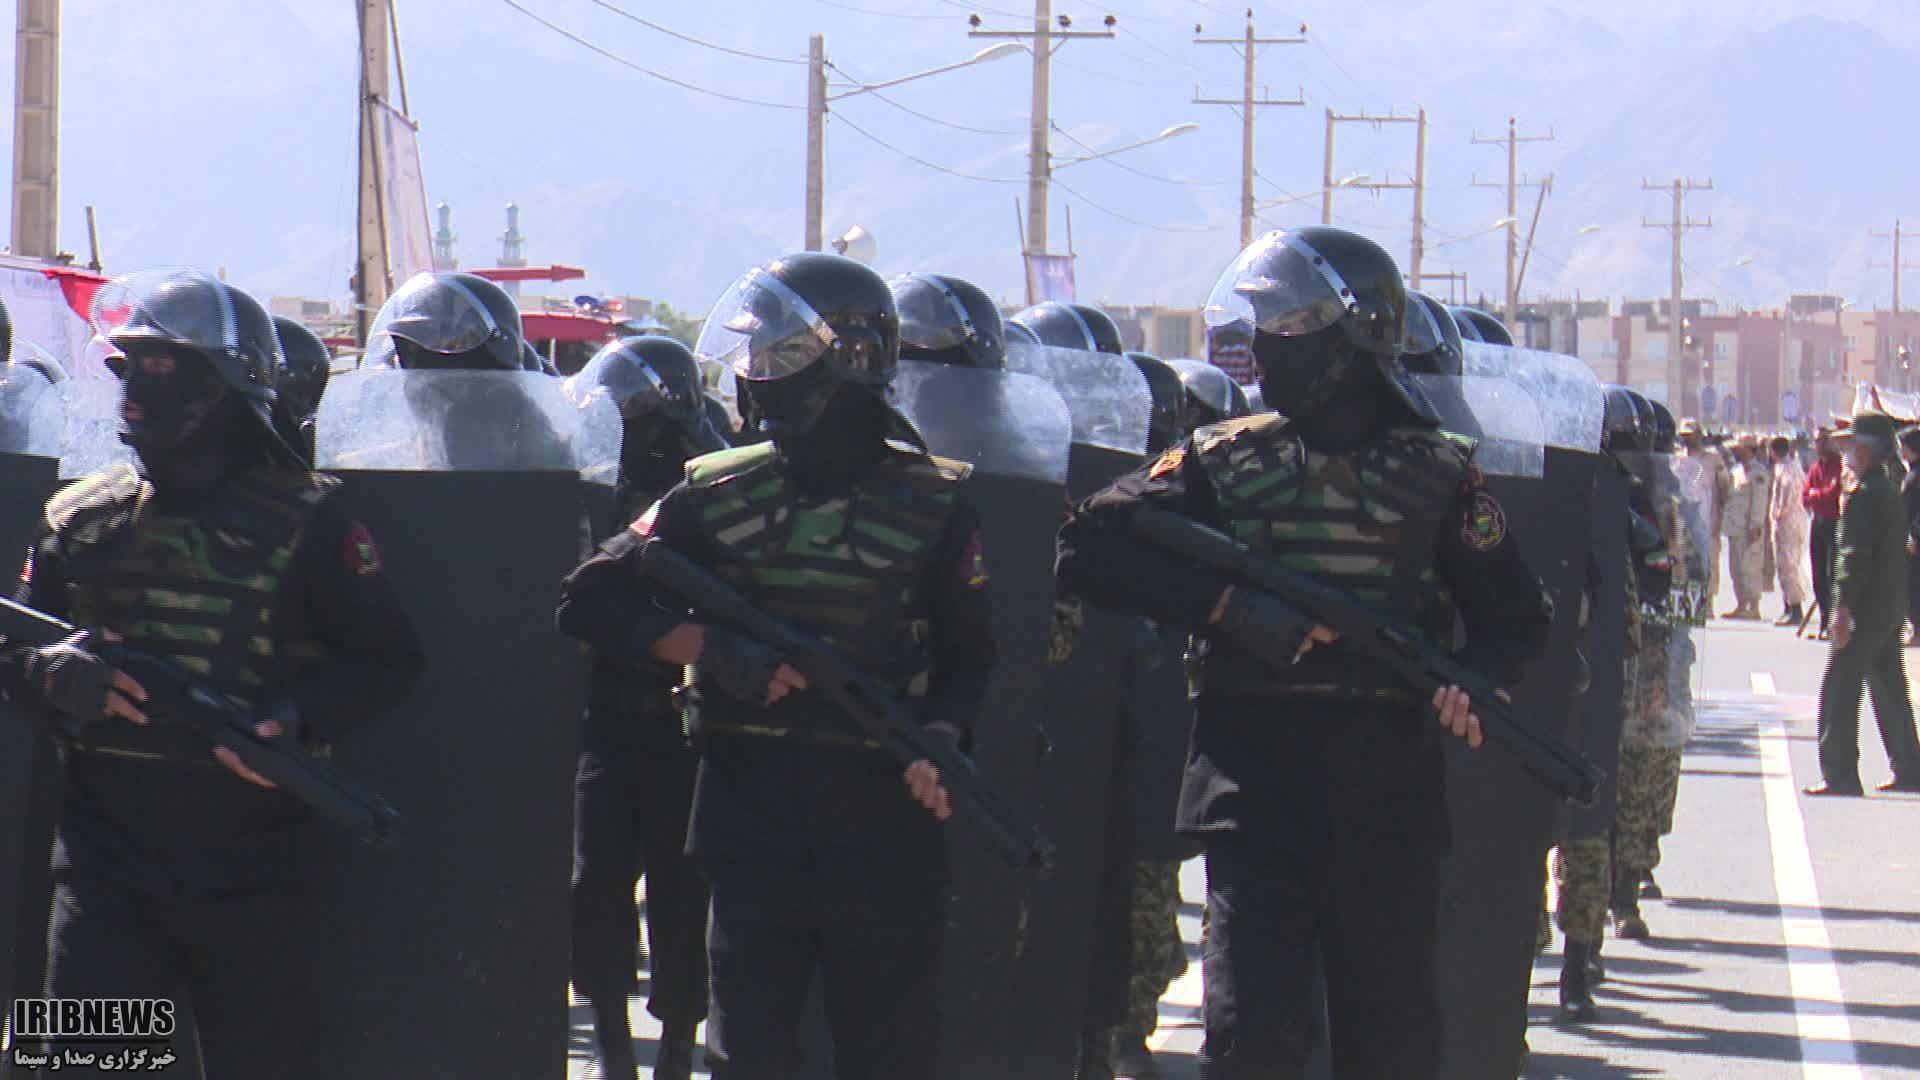 آغاز نمایش اقتدار نیروهای مسلح، در خراسان جنوبی